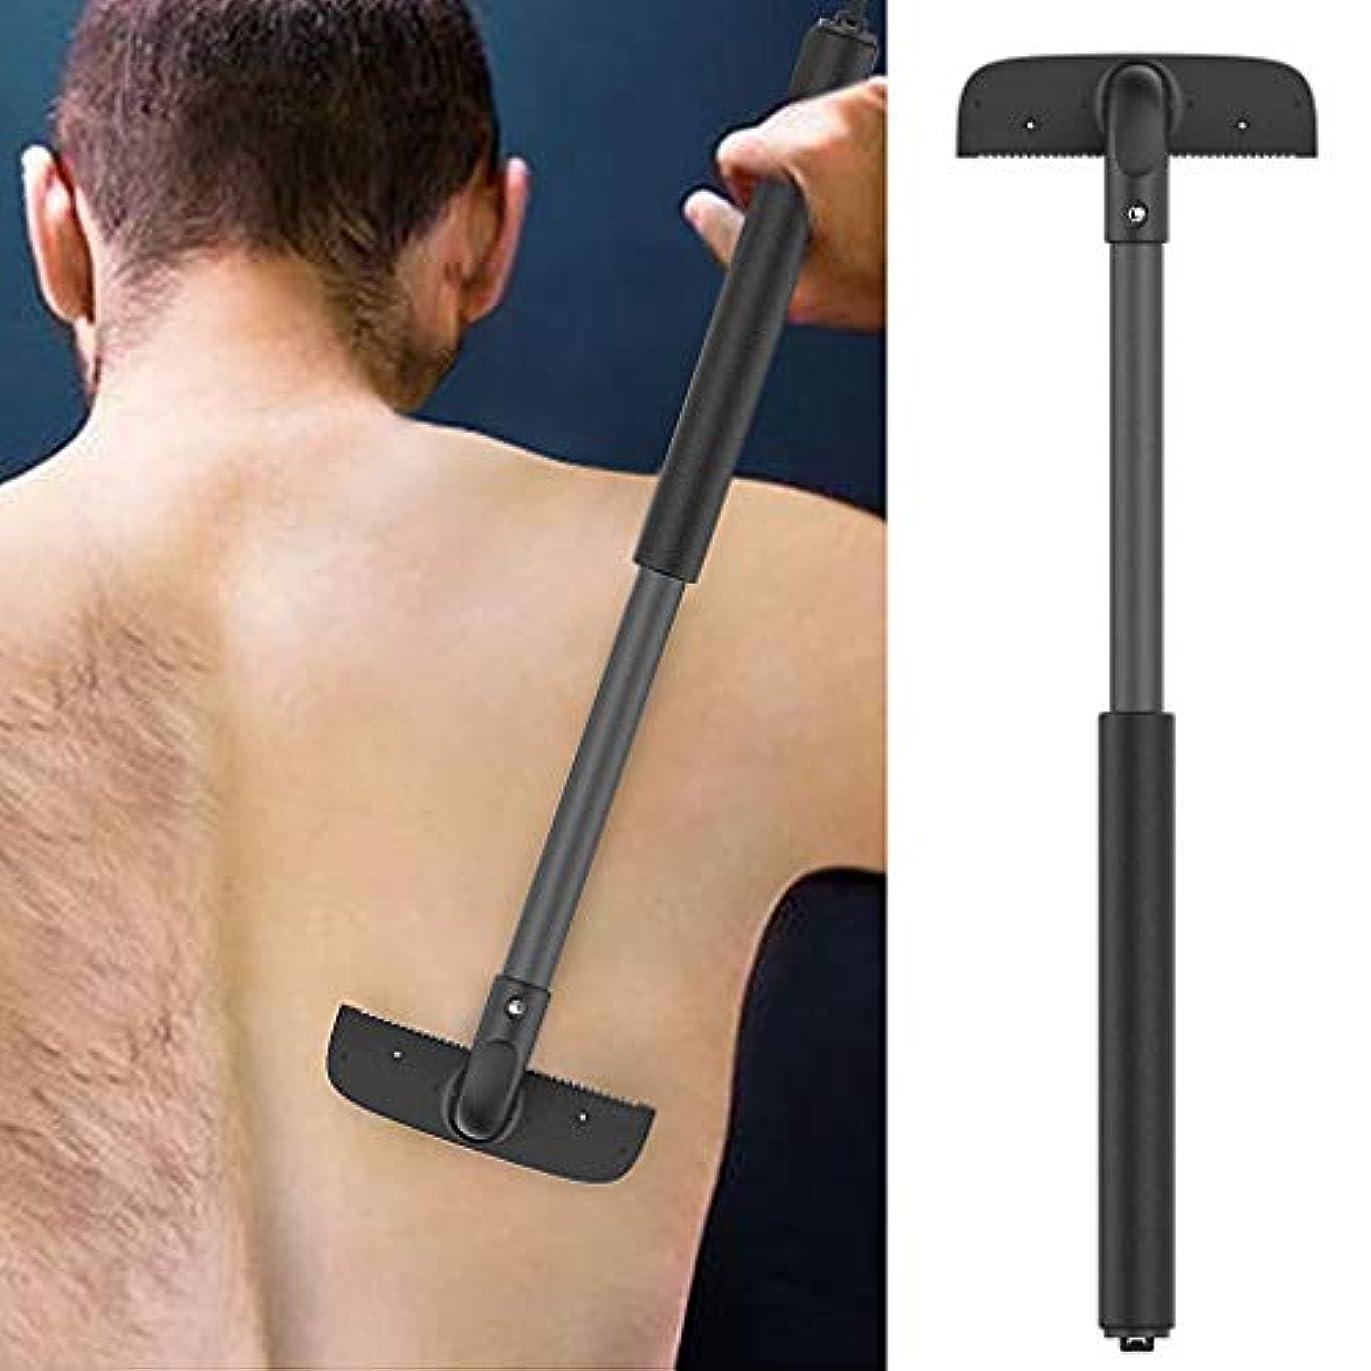 コメント地味な仕事Back Hair Removal And Body Shaver、バックヘアとボディシェーバー、男性のための剃刀、調節可能なハンドル、伸縮可能なトリマー剃刀脱毛装置 除毛 ムダ毛処理